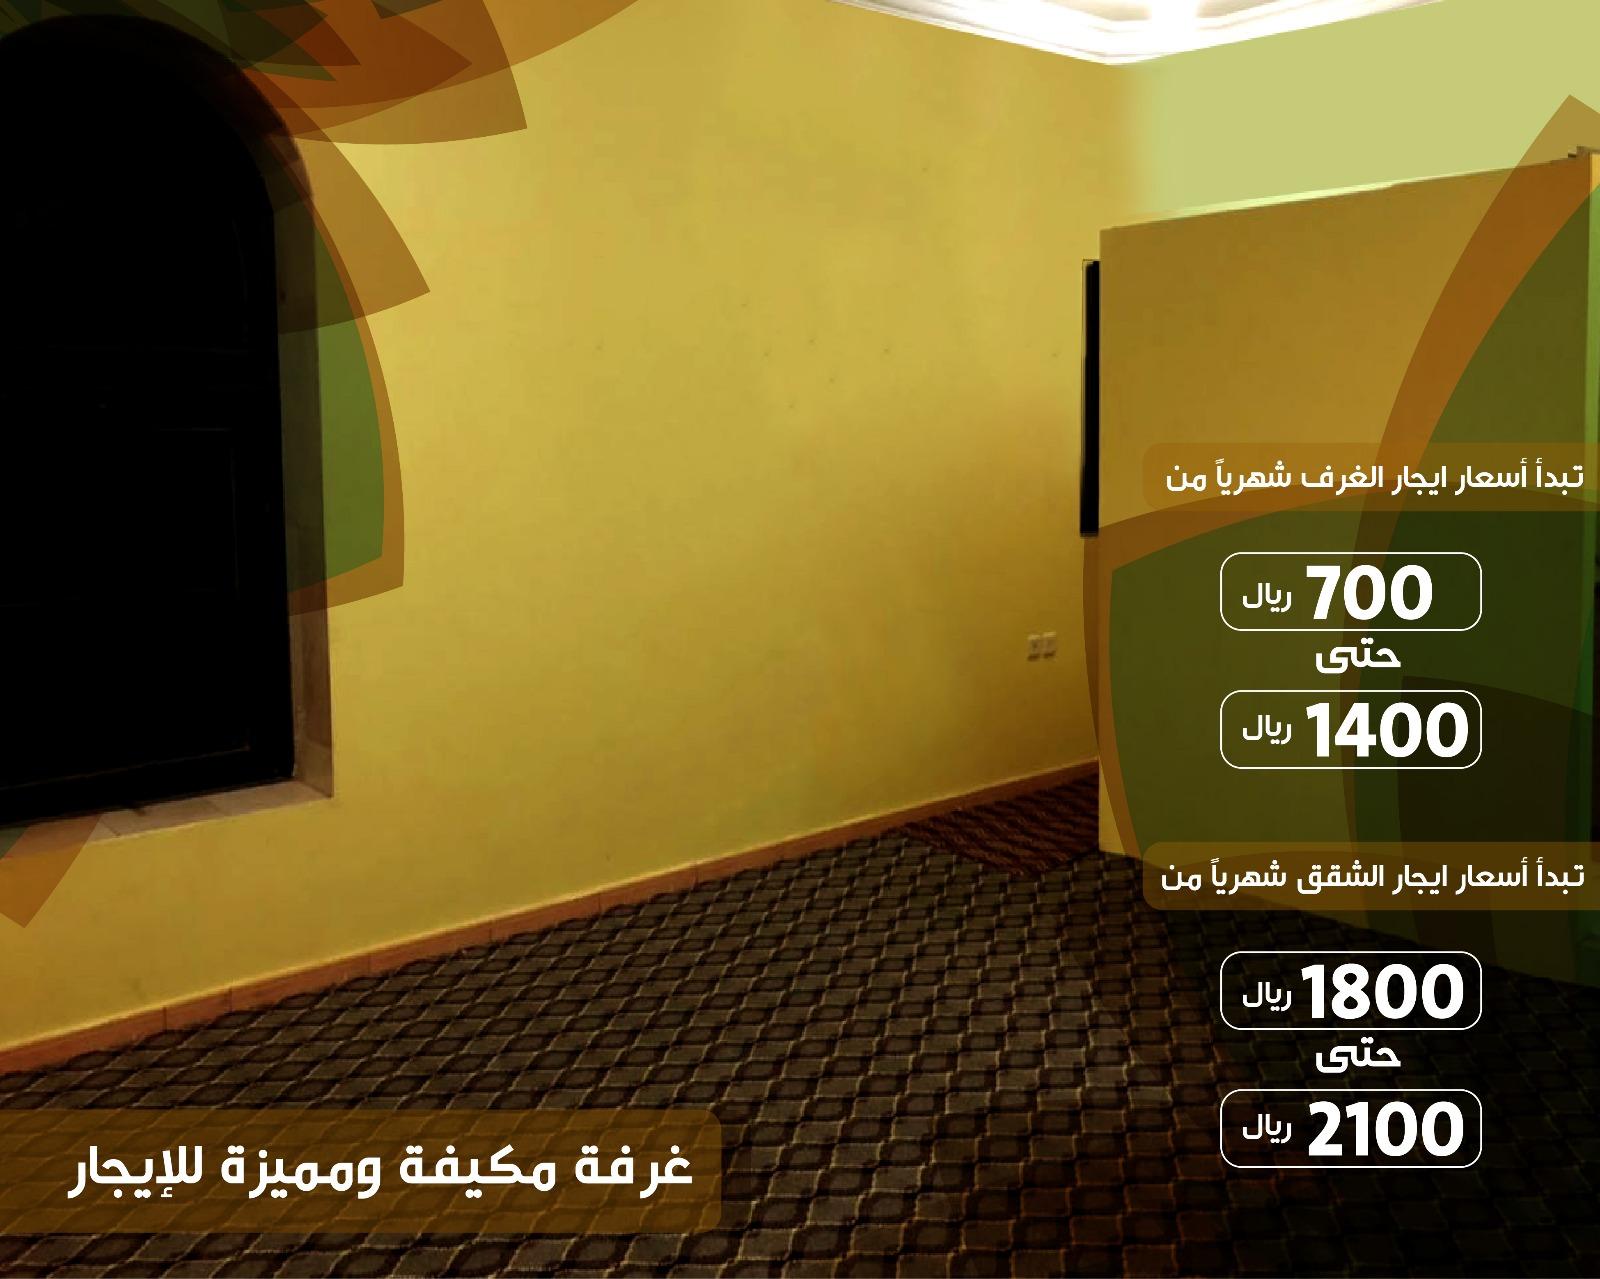 للعزاب في المدينة المنورة وحدات سكنية مكيفة و مميزة للايجار 0535733250